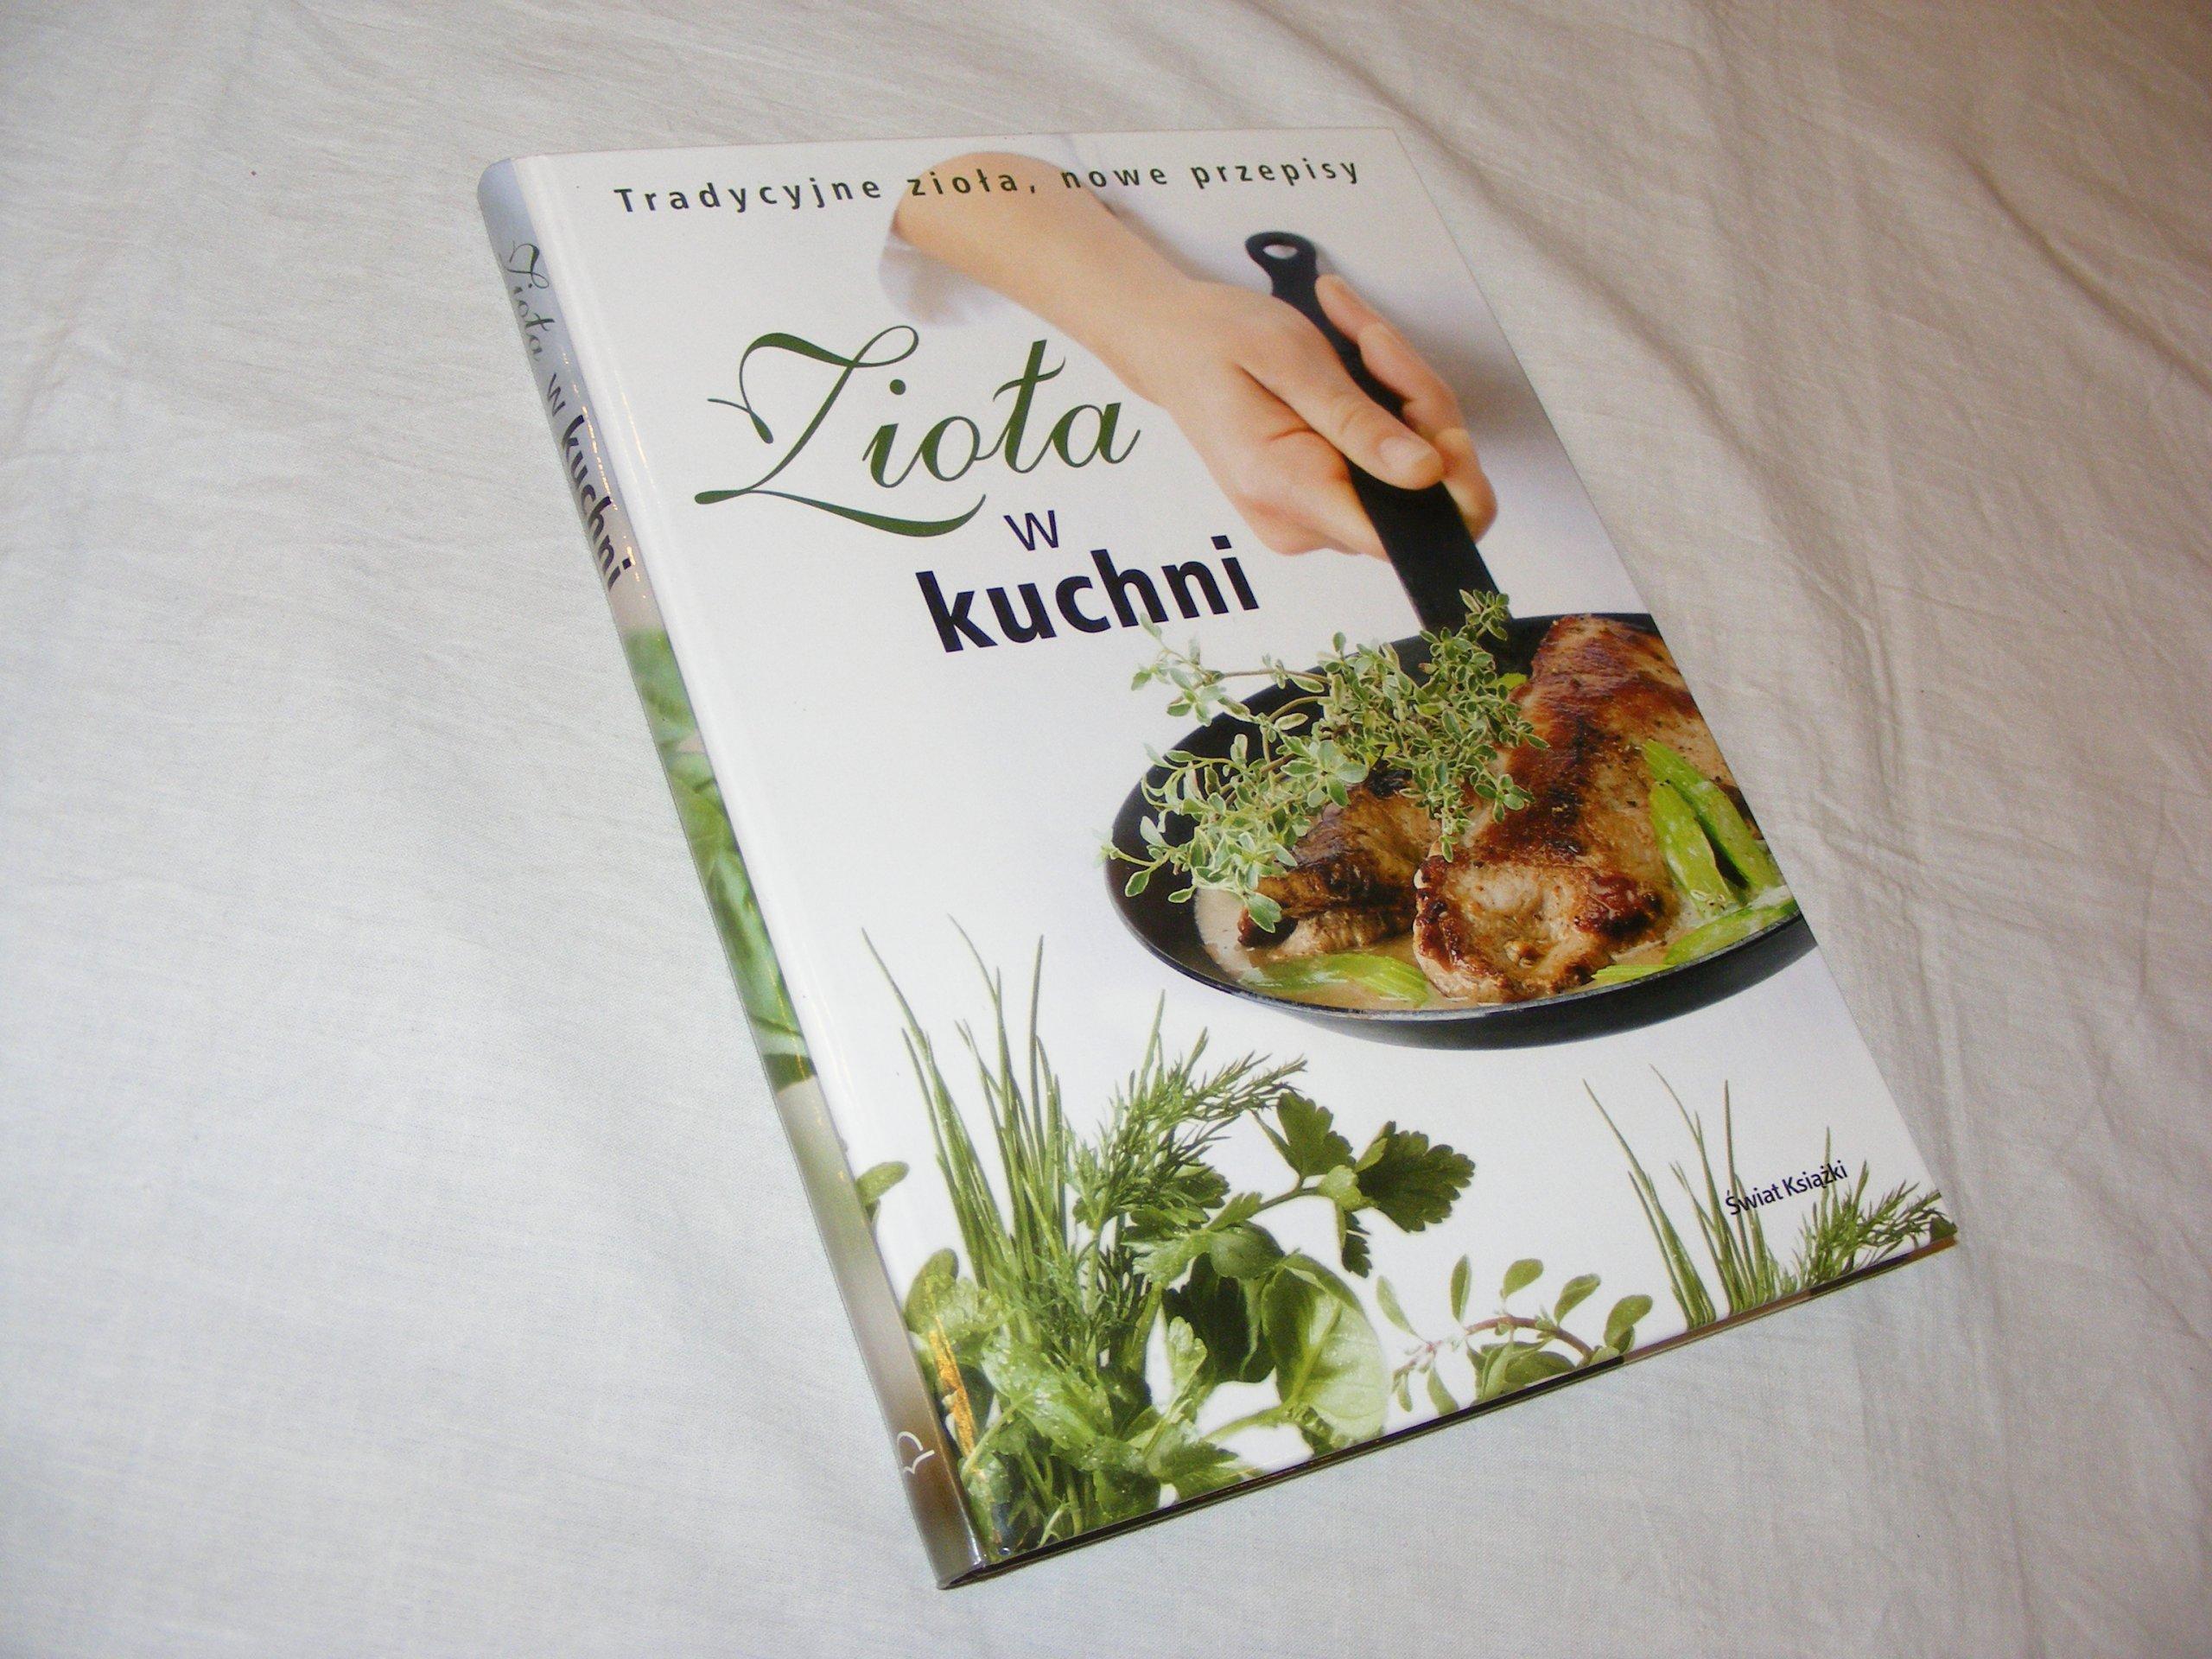 Zioła W Kuchni Wyd świat Książkitwardabdb